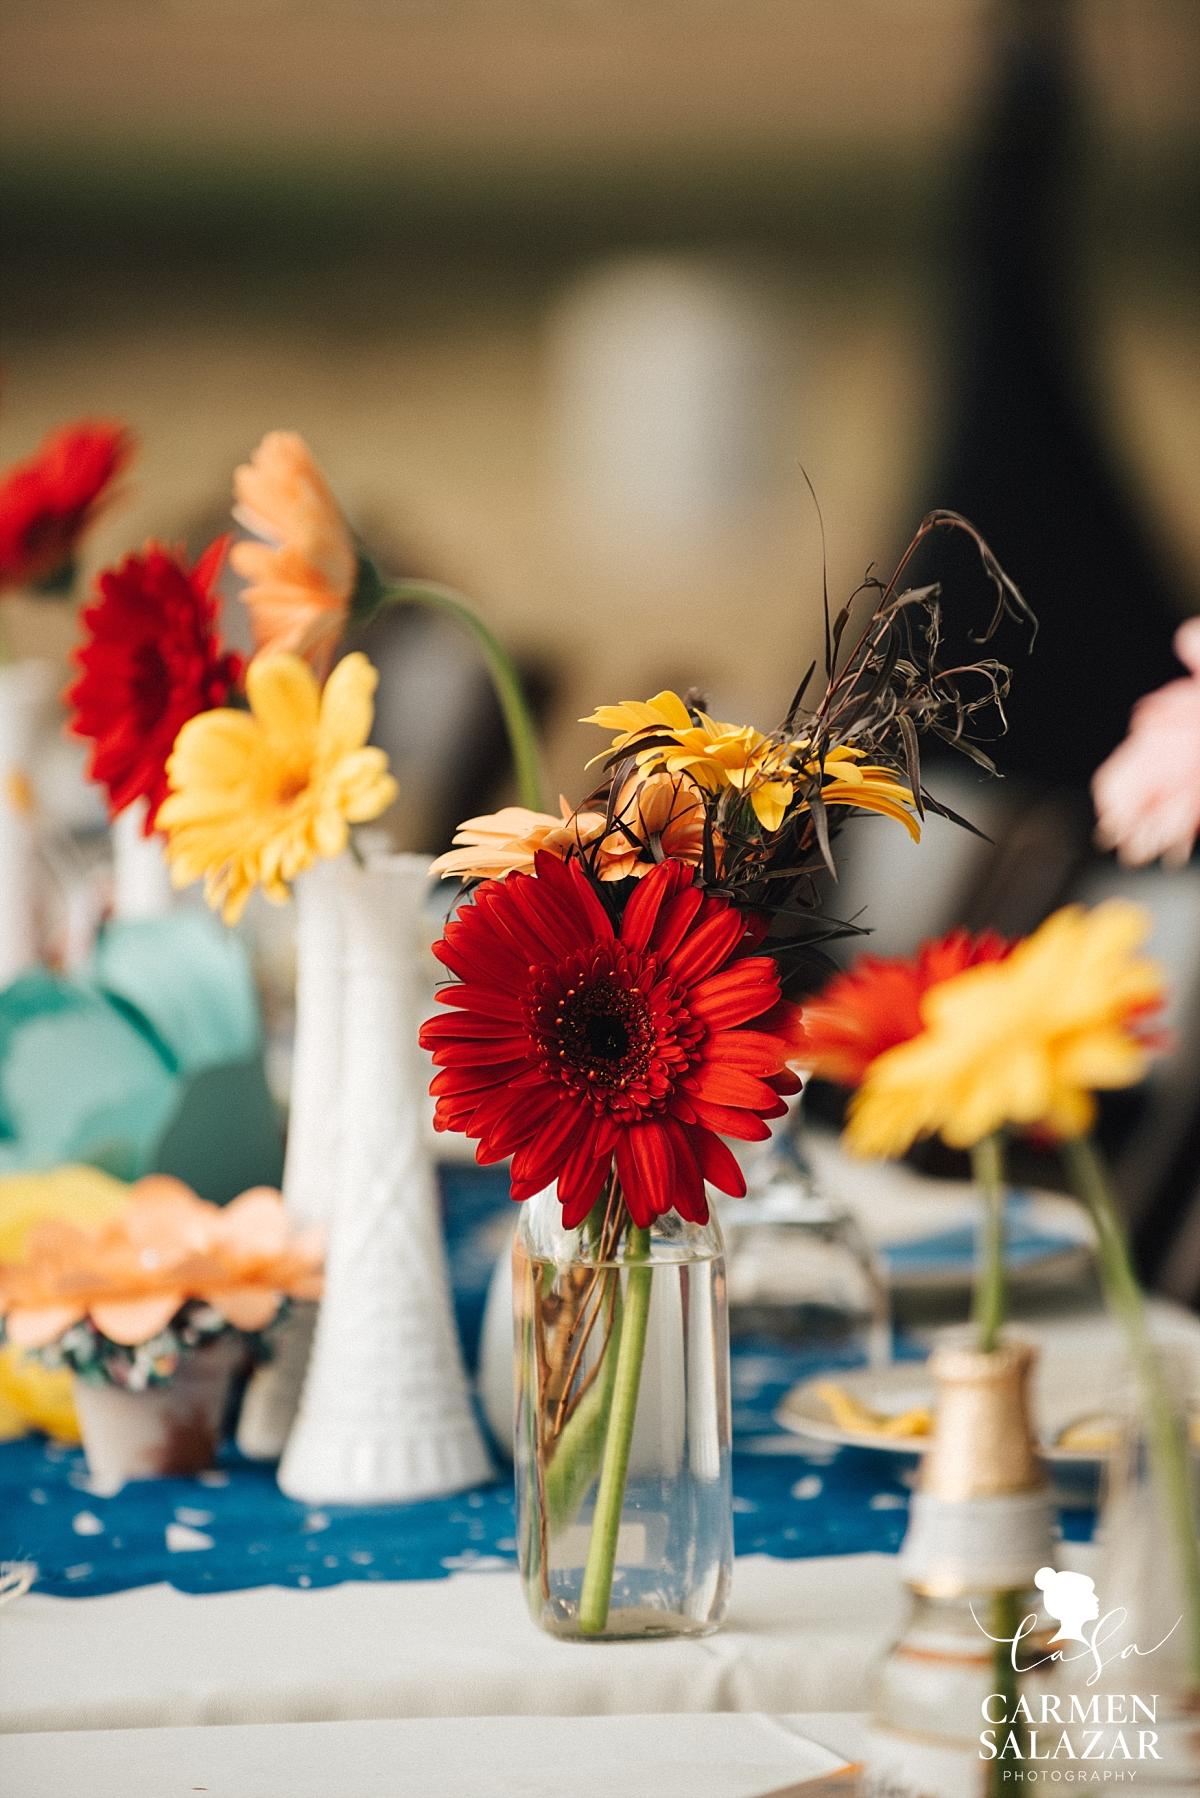 Fall wedding floral centerpieces at Mexican wedding - Carmen Salazar